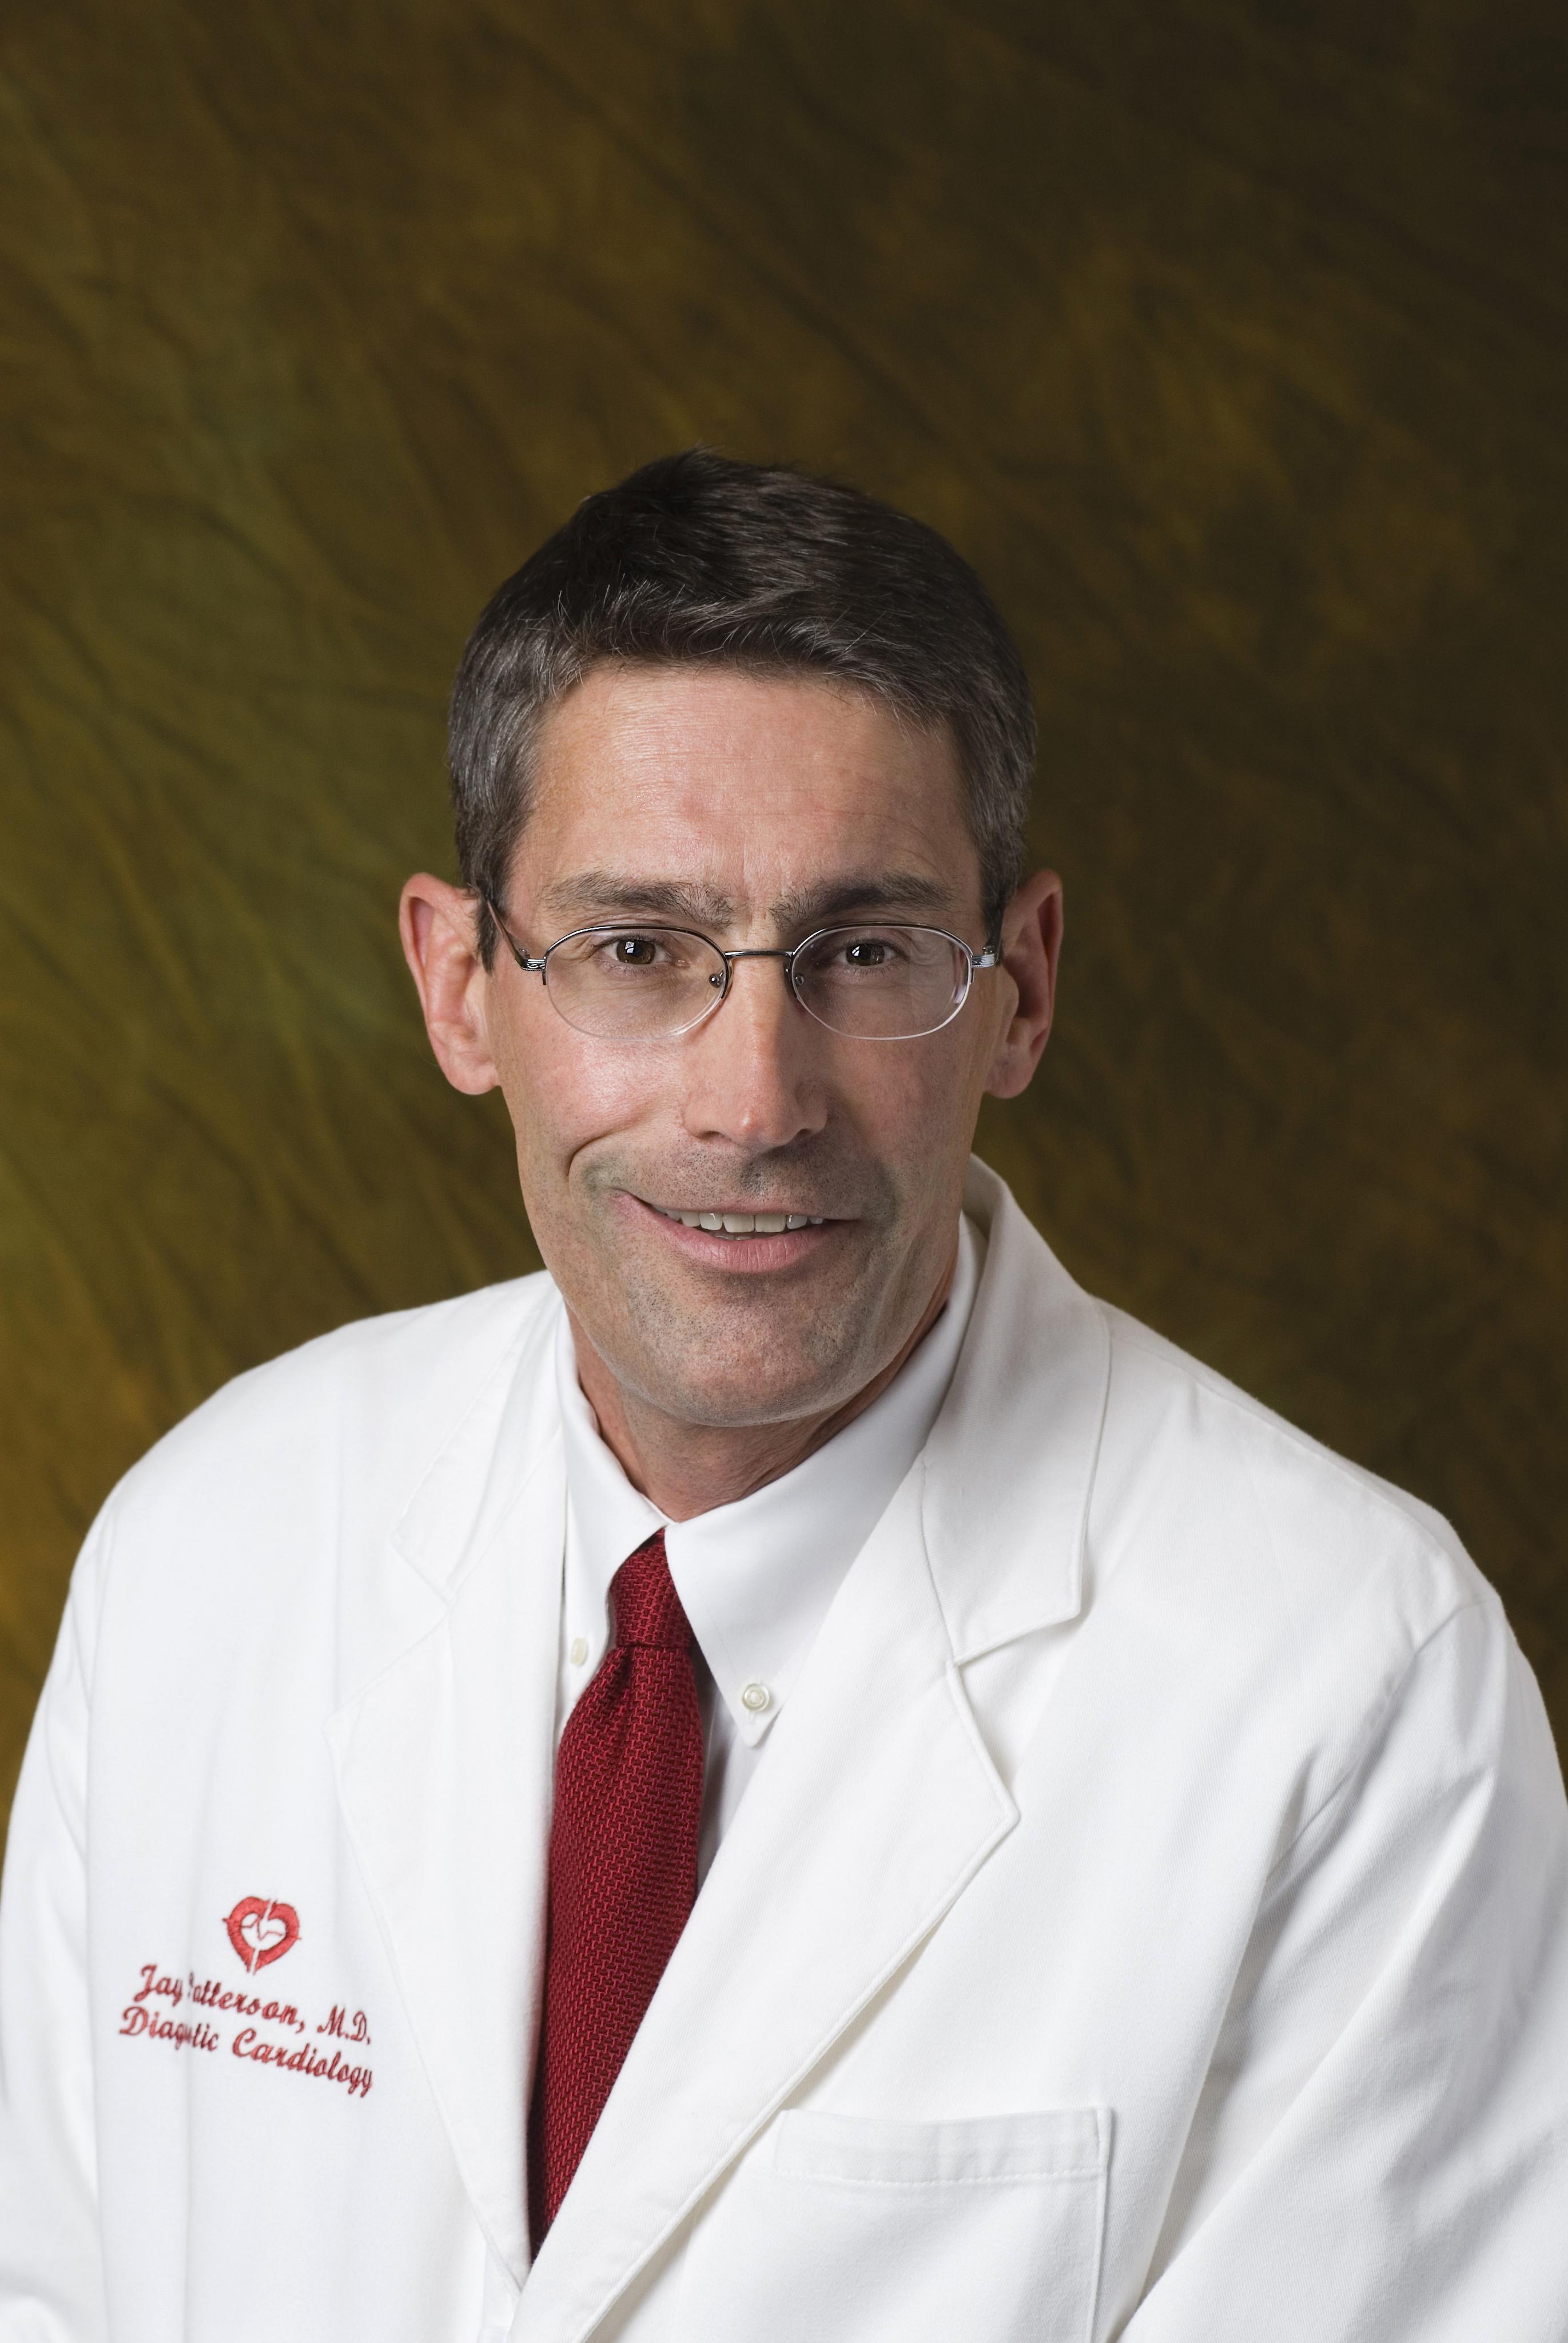 Jay R. Patterson, M.D.